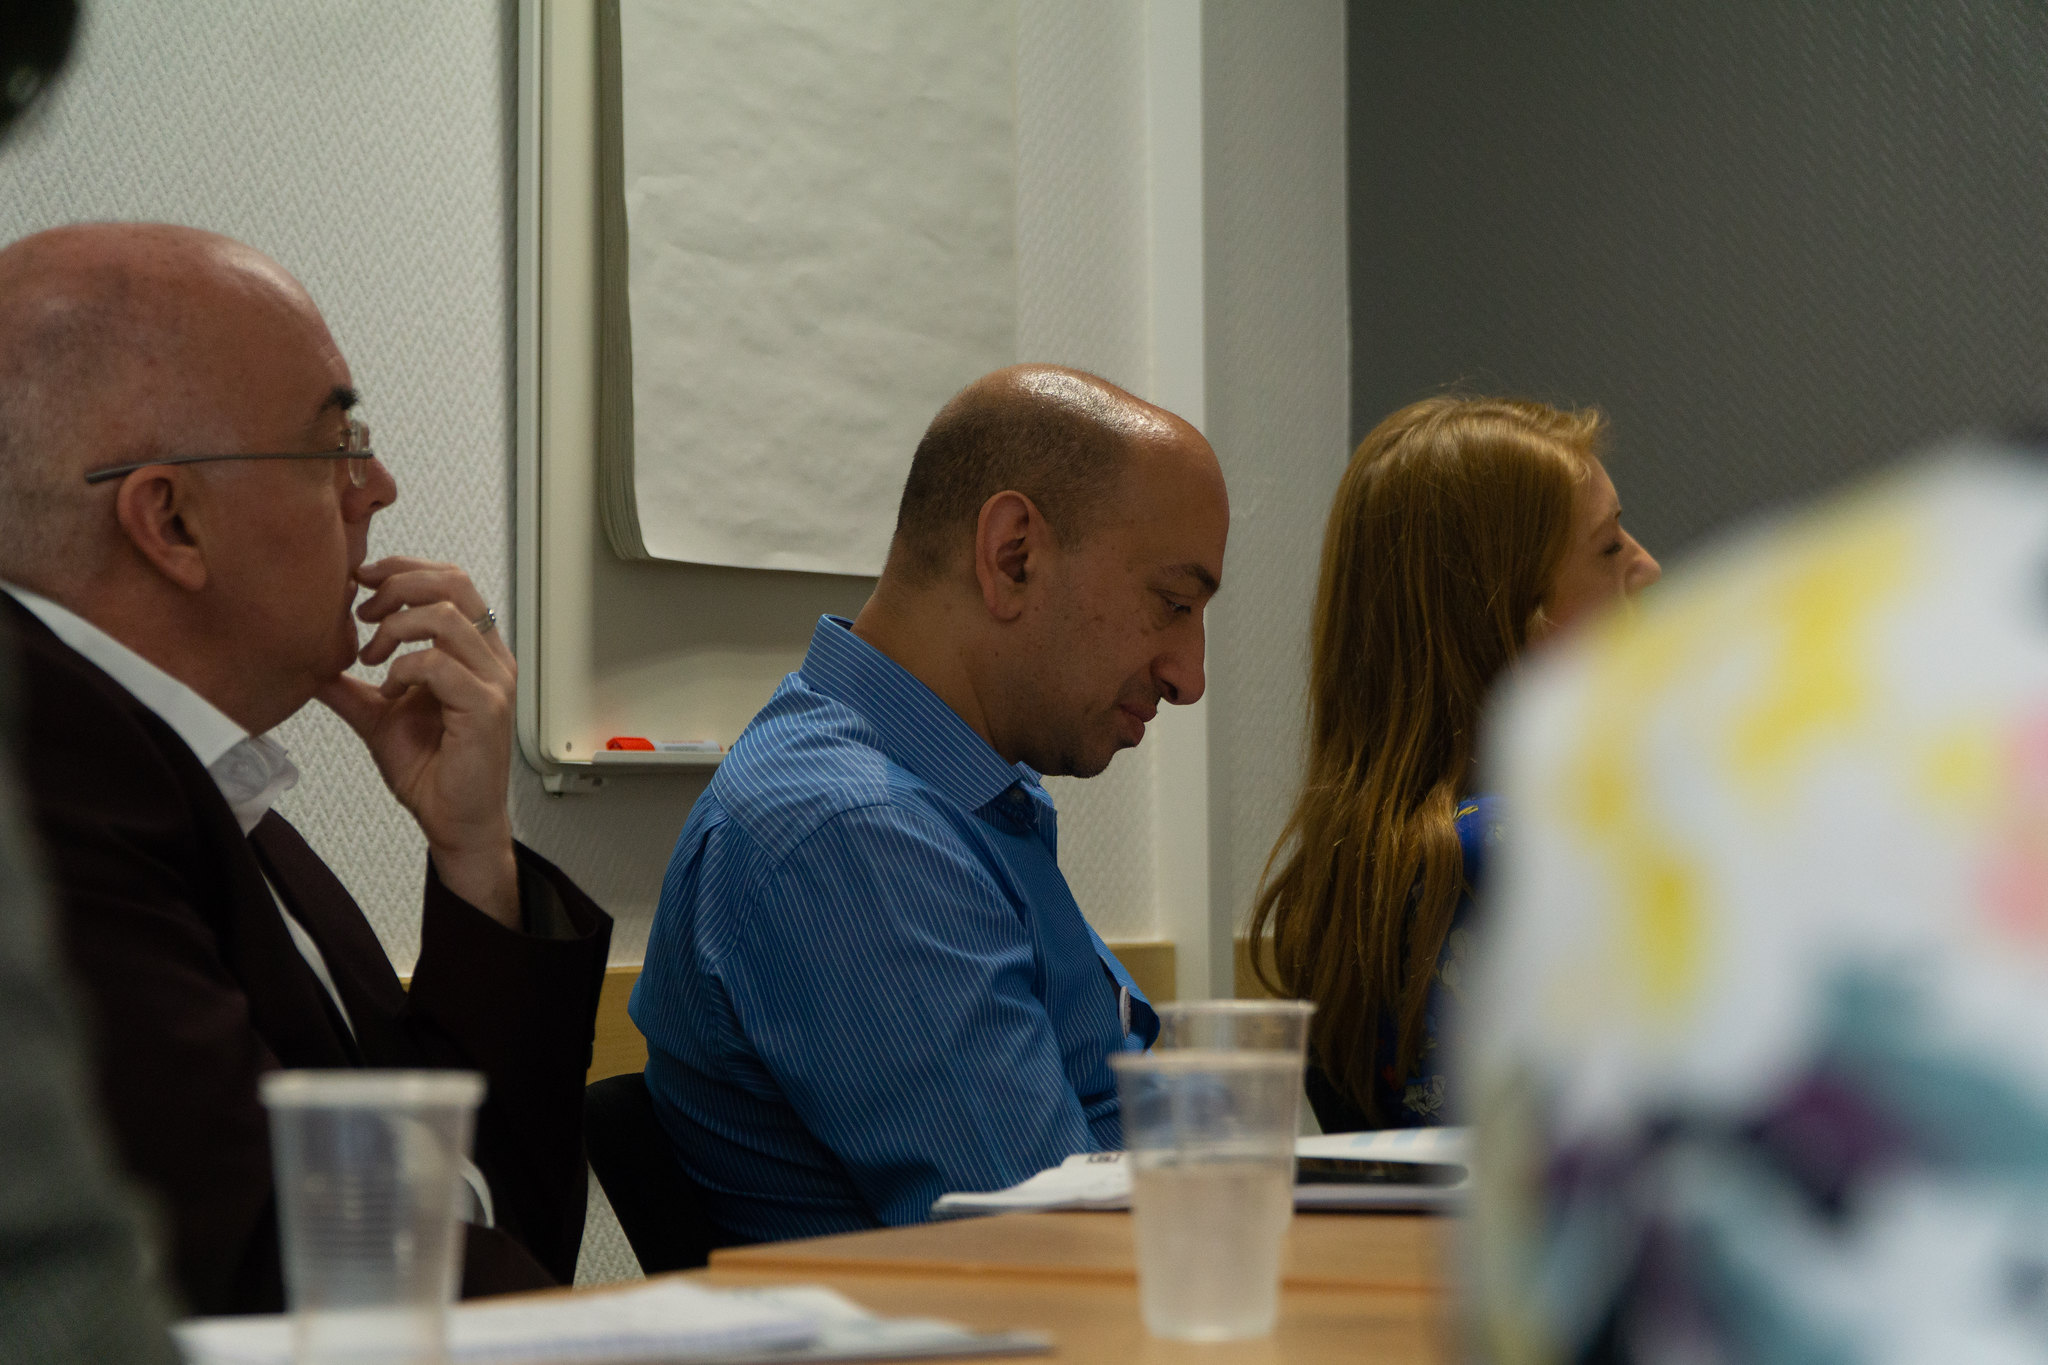 Library delegates at a seminar